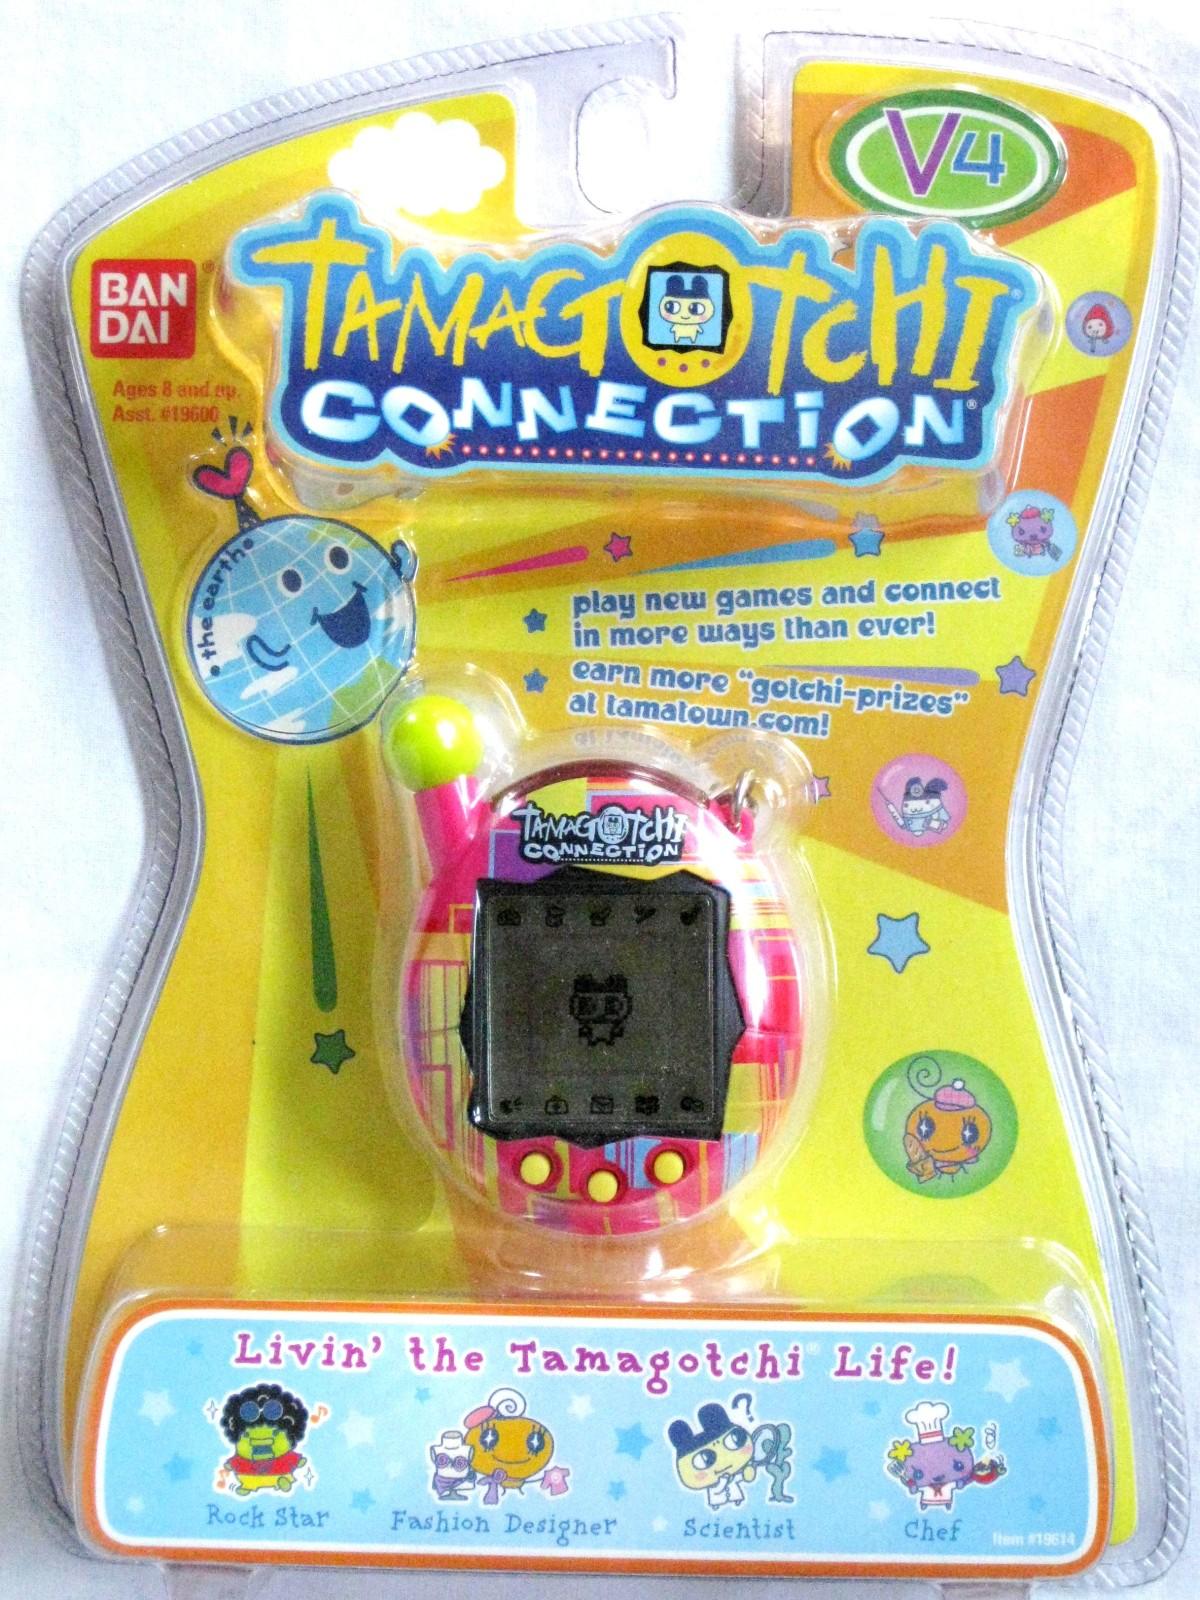 Tamagotchi Connection V4 Pocket Size Virtual Pet Pink